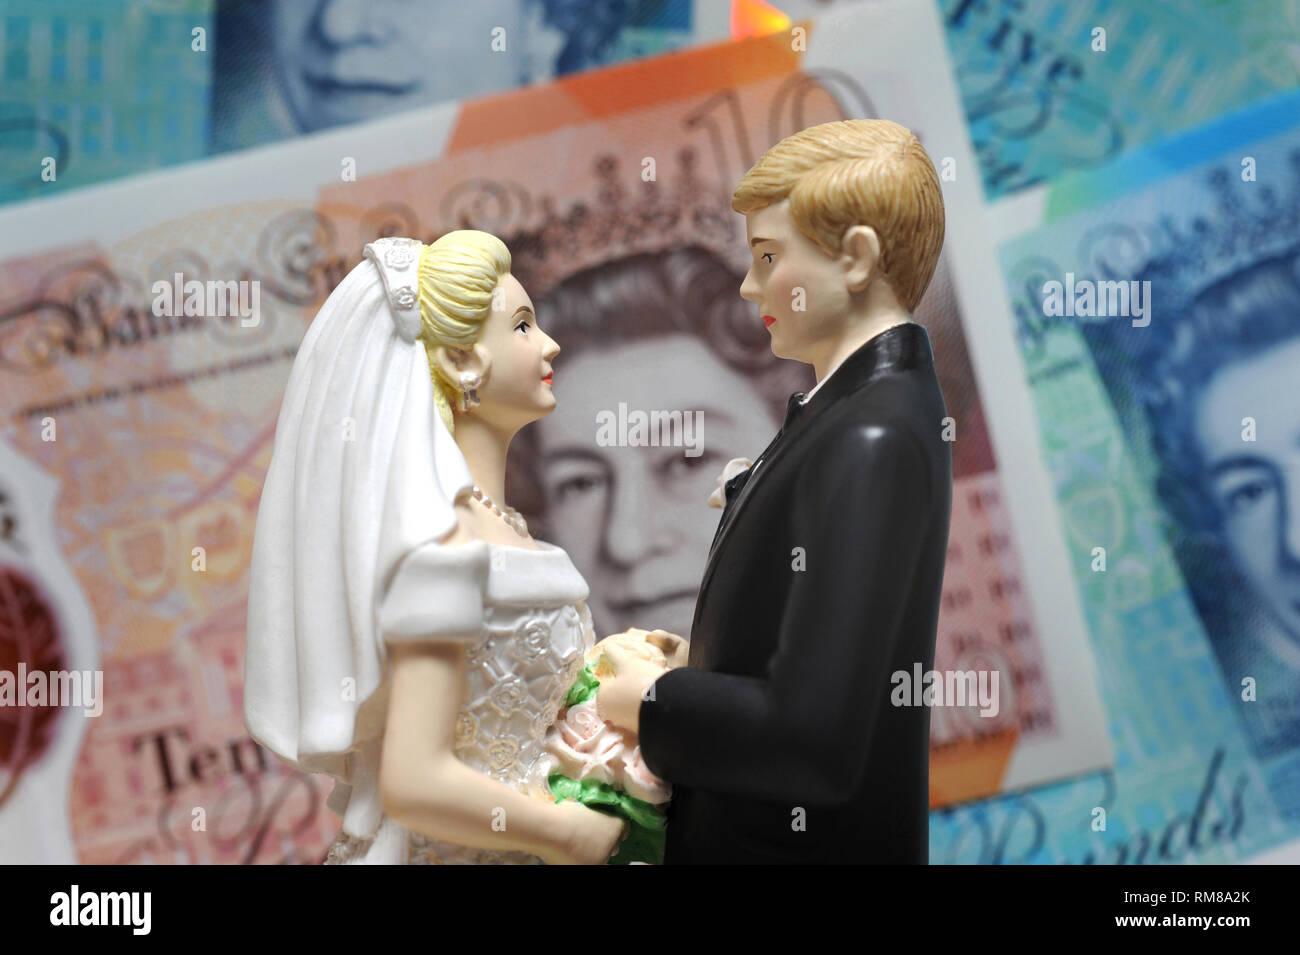 Las cifras para el novio y la novia con billetes británicos RE COSTOS DE BODA matrimonio divorcio abogados primera vez compradores de vivienda ETC UK Foto de stock